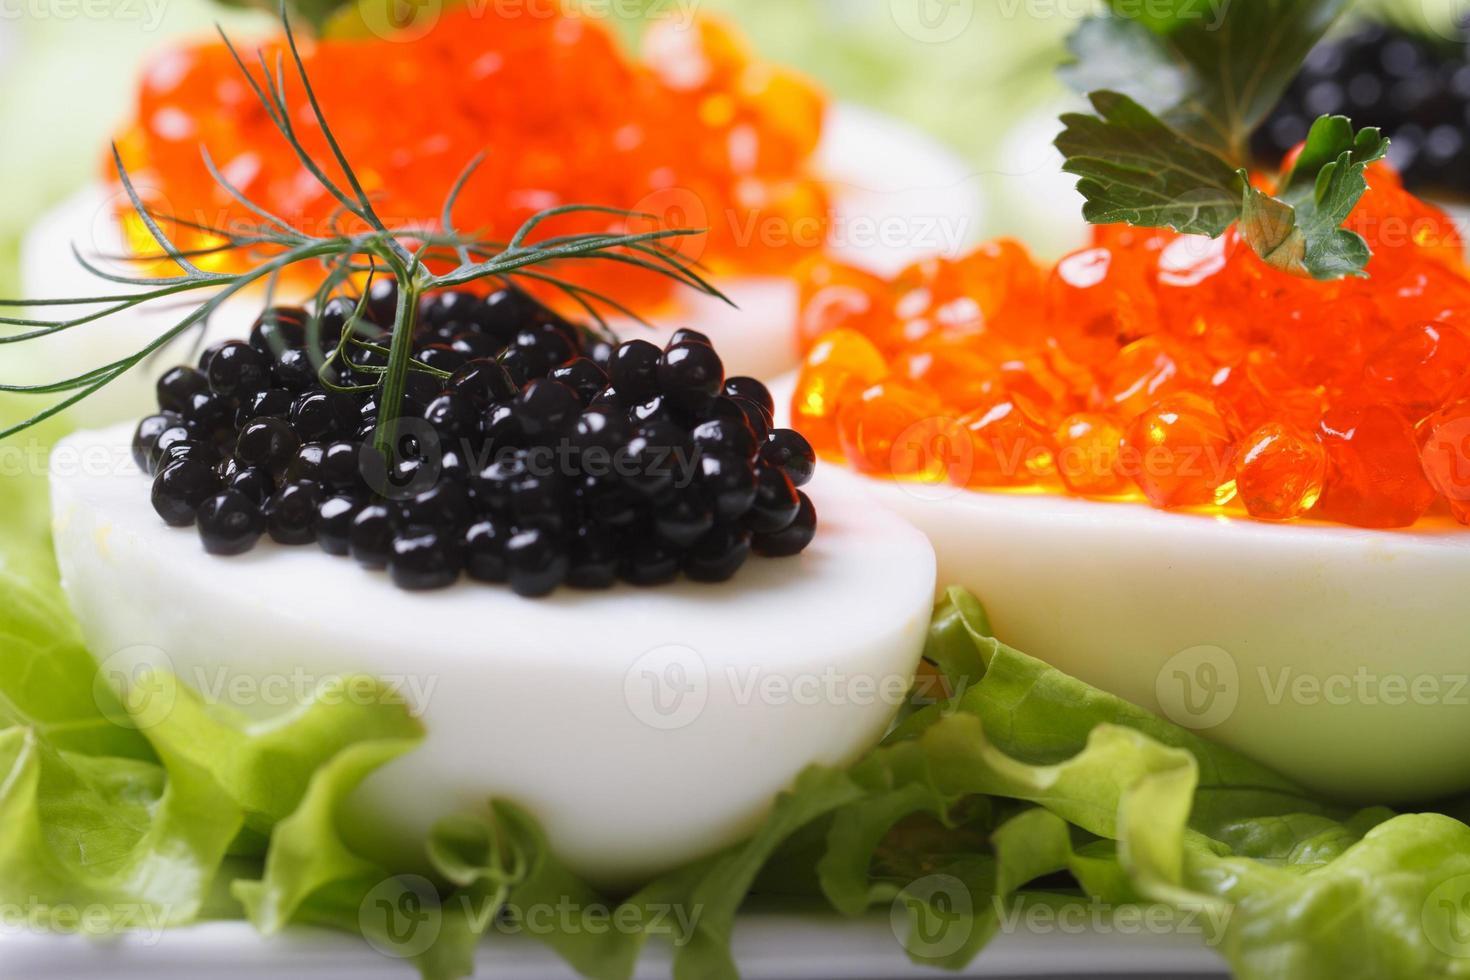 uova con caviale di pesce nero e rosso e macro di lattuga foto